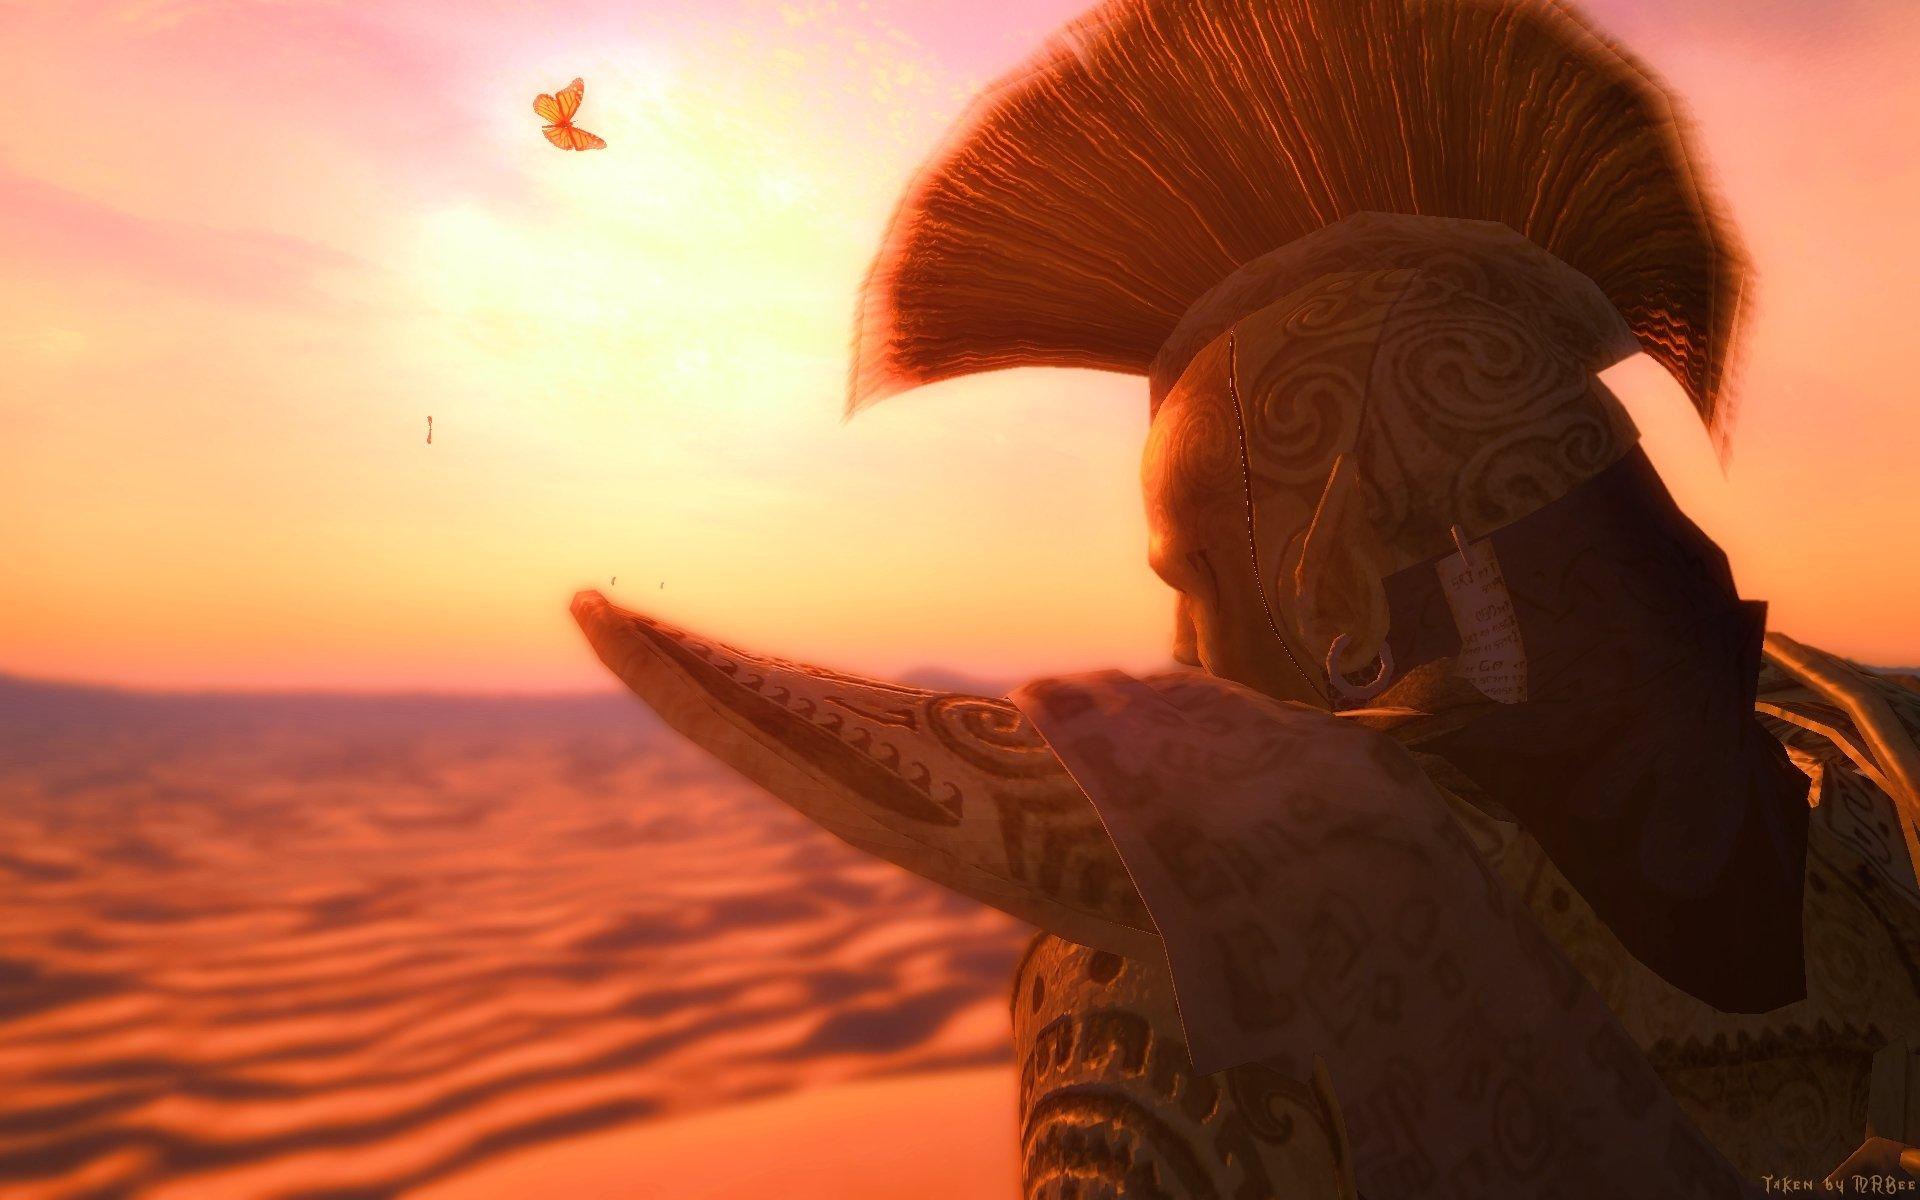 Oblivion Wallpaper Hd The Elder Scrolls Iii Morrowind Hd Wallpaper Background